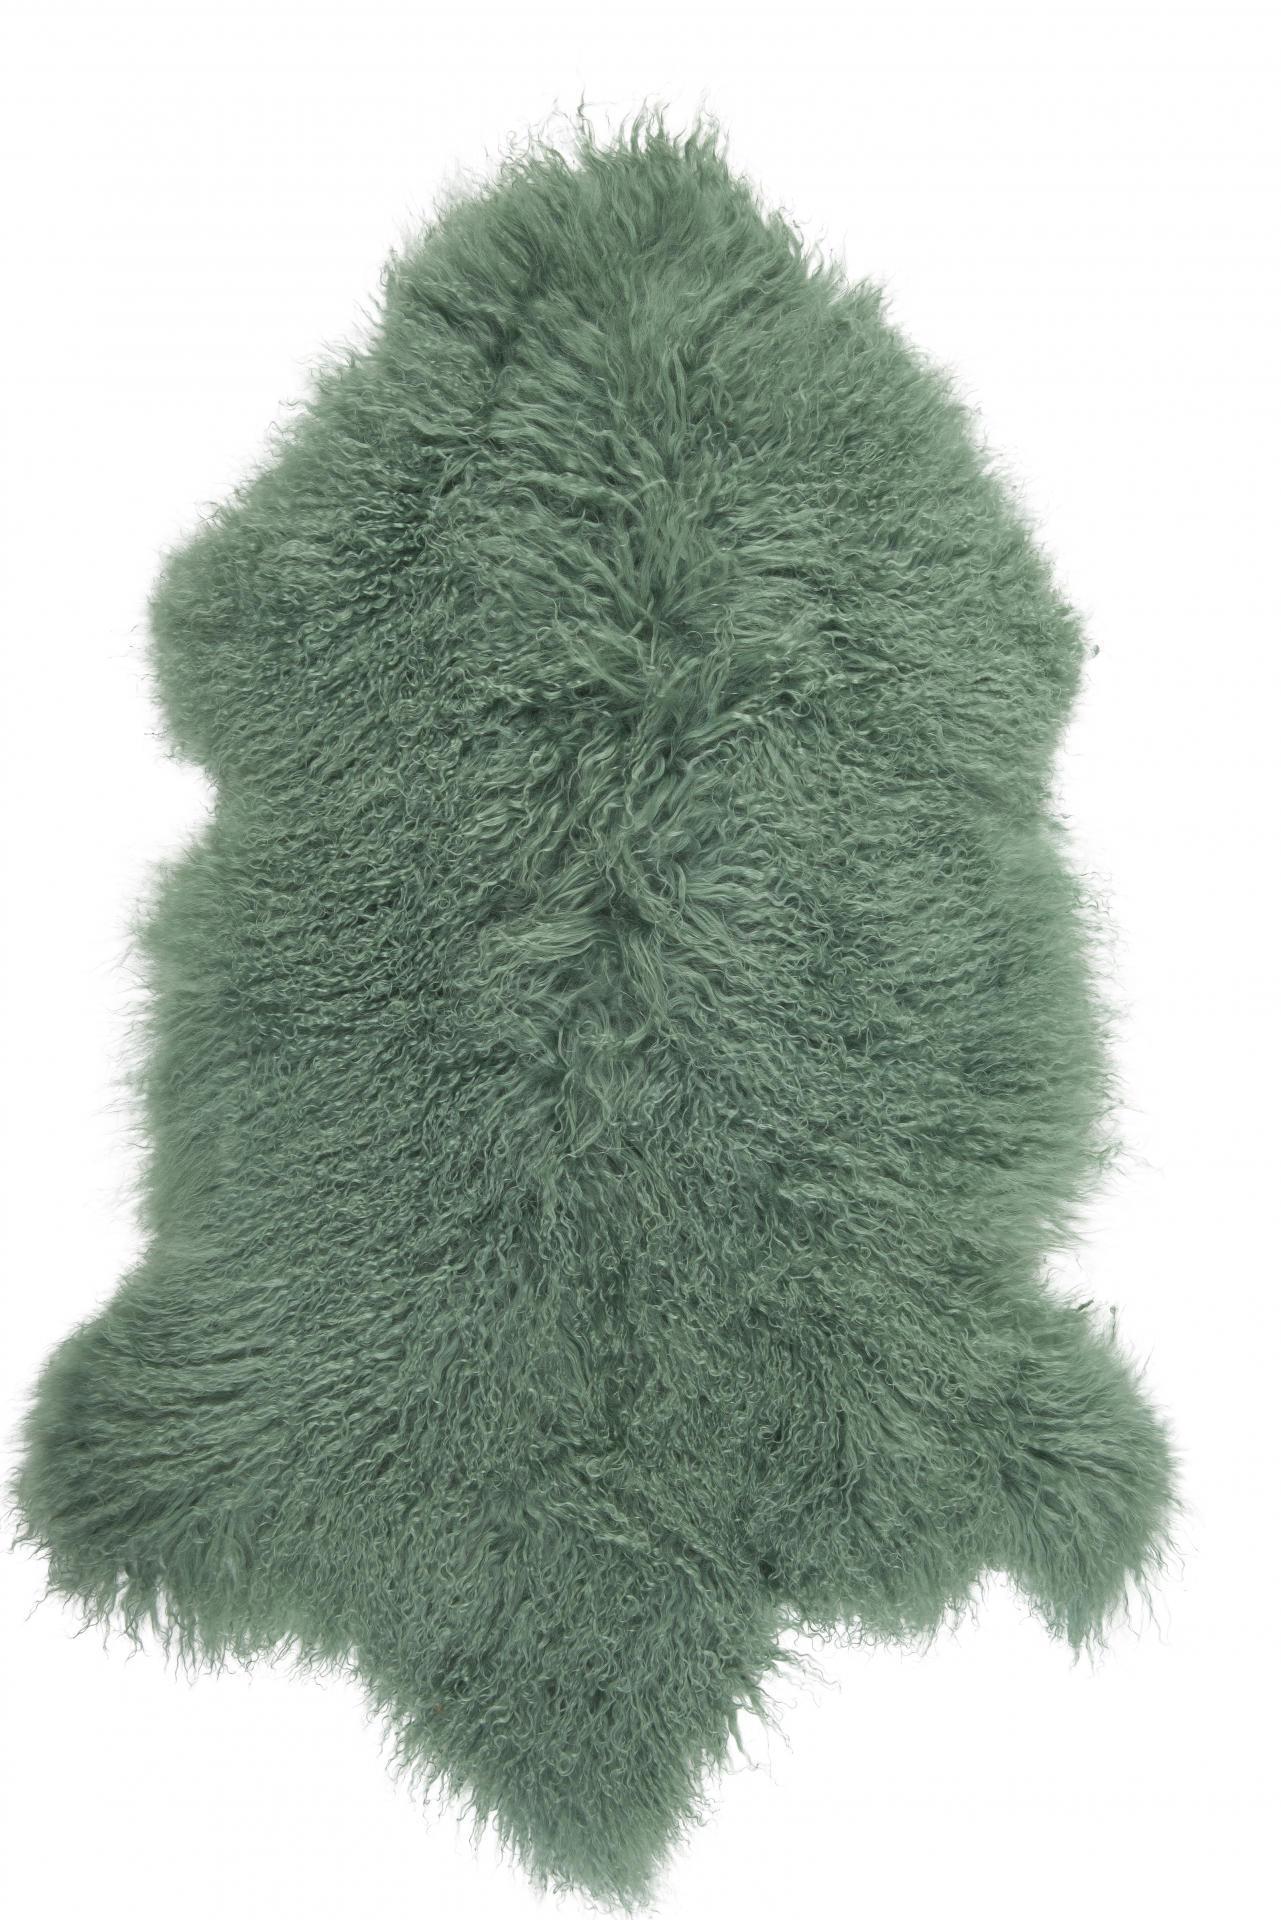 IB LAURSEN Tibetská ovčí kožešina Green, zelená barva, kůže